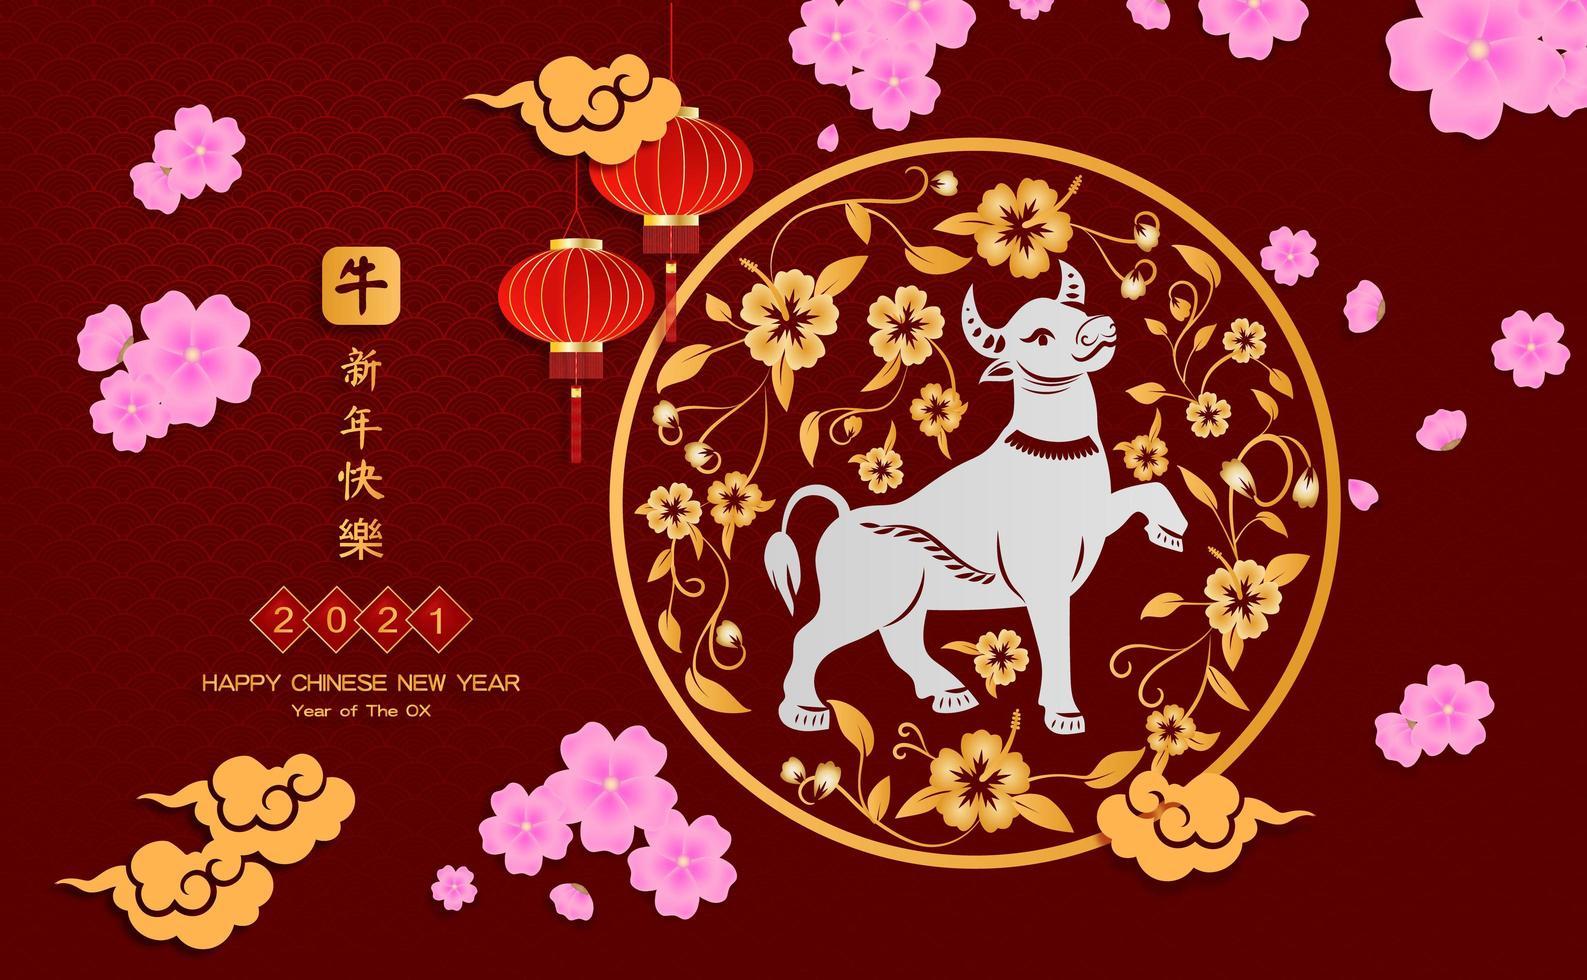 chinesisches Neujahr 2021 Jahr des Ochsen, roter Papierschnitt Ochsencharakter, Blume und asiatische Elemente mit Handwerksstil auf Hintergrund. vektor